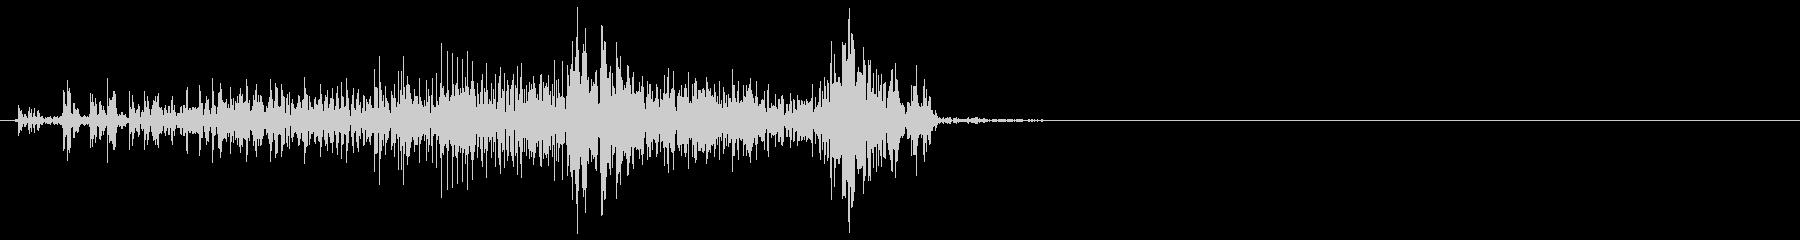 ジッパー、ファスナーを閉じる音2-1の未再生の波形